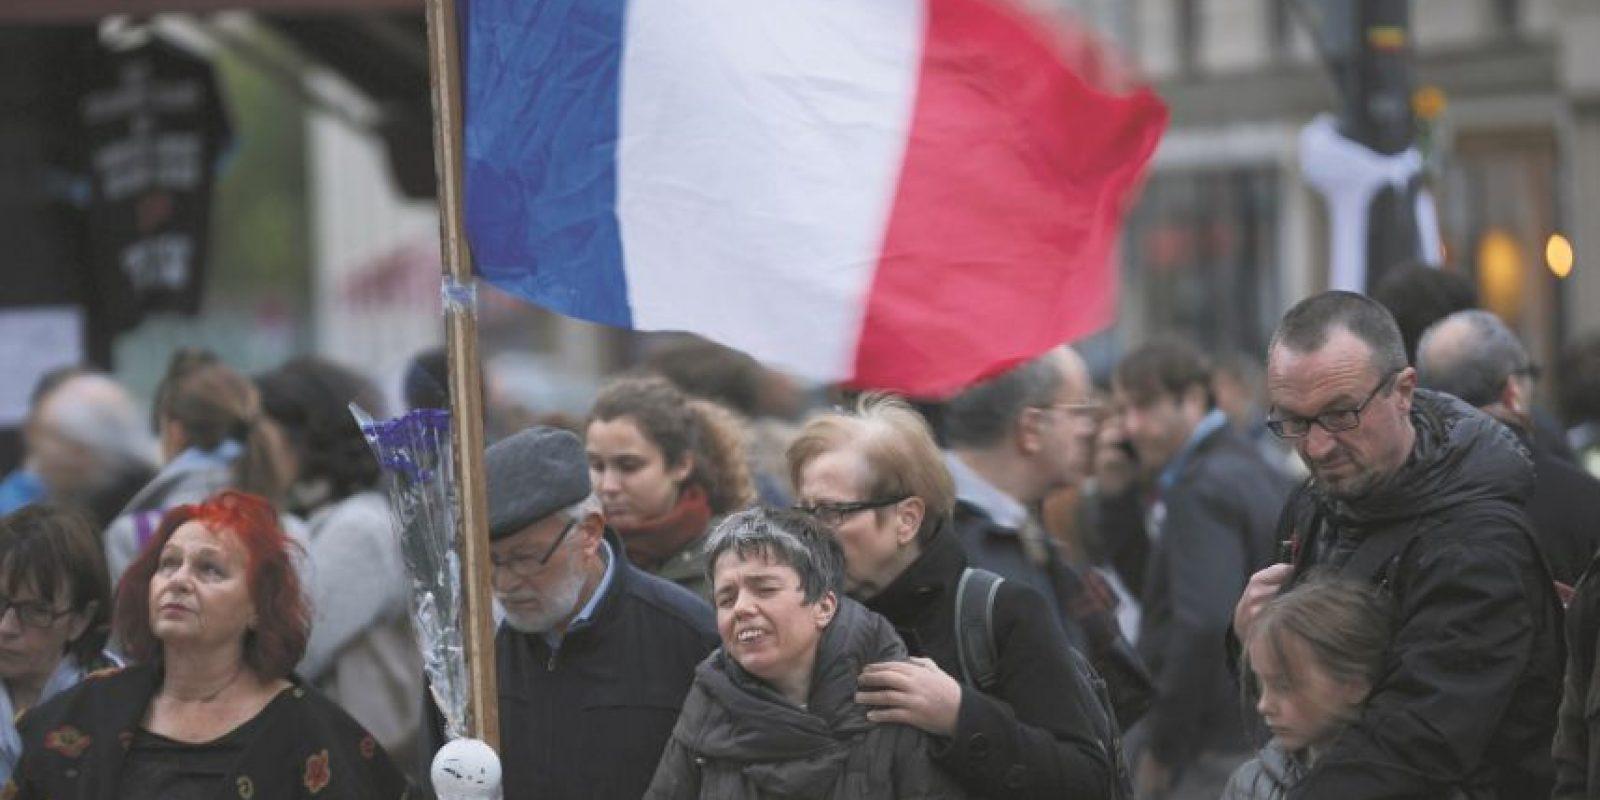 1. París bajo el terror. Los tiroteos de Charlie Hebdo y los ataques de noviembre. La capital francesa se vio sacudida en numerosas ocasiones este año por los terroristas: ataques de enero en las oficinas de Charlie Hebdo y un supermercado judío vio a 17 personas morir, mientras que en noviembre una serie de ataques coordinados dejó 130 víctimas fallecidas. Los líderes mundiales y los ciudadanos unieron a los franceses en respuesta a los trágicos acontecimientos. Grupos terroristas, incluidos los afiliados al Estado Islámico, se atribuyeron la responsabilidad por las masacres. Foto:Fuente Externa